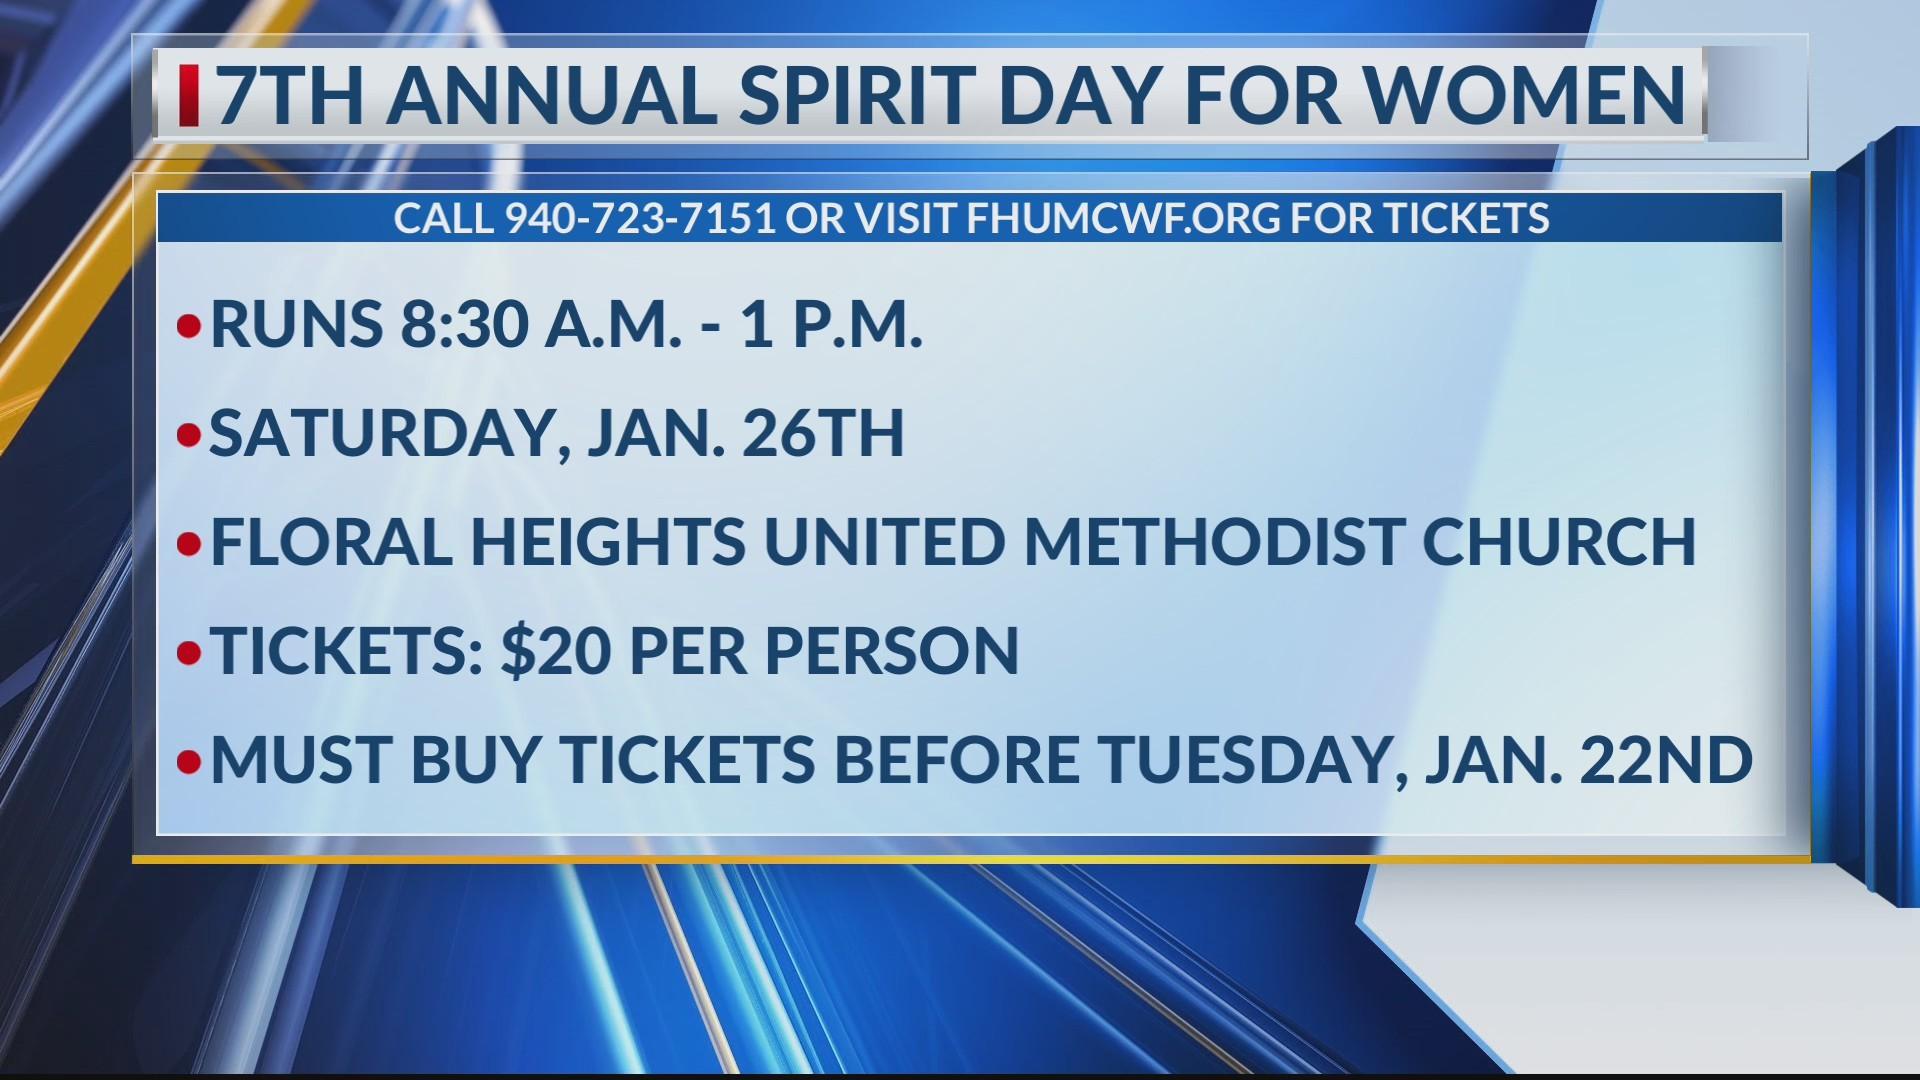 Spirit_day_for_women_0_20190110125952